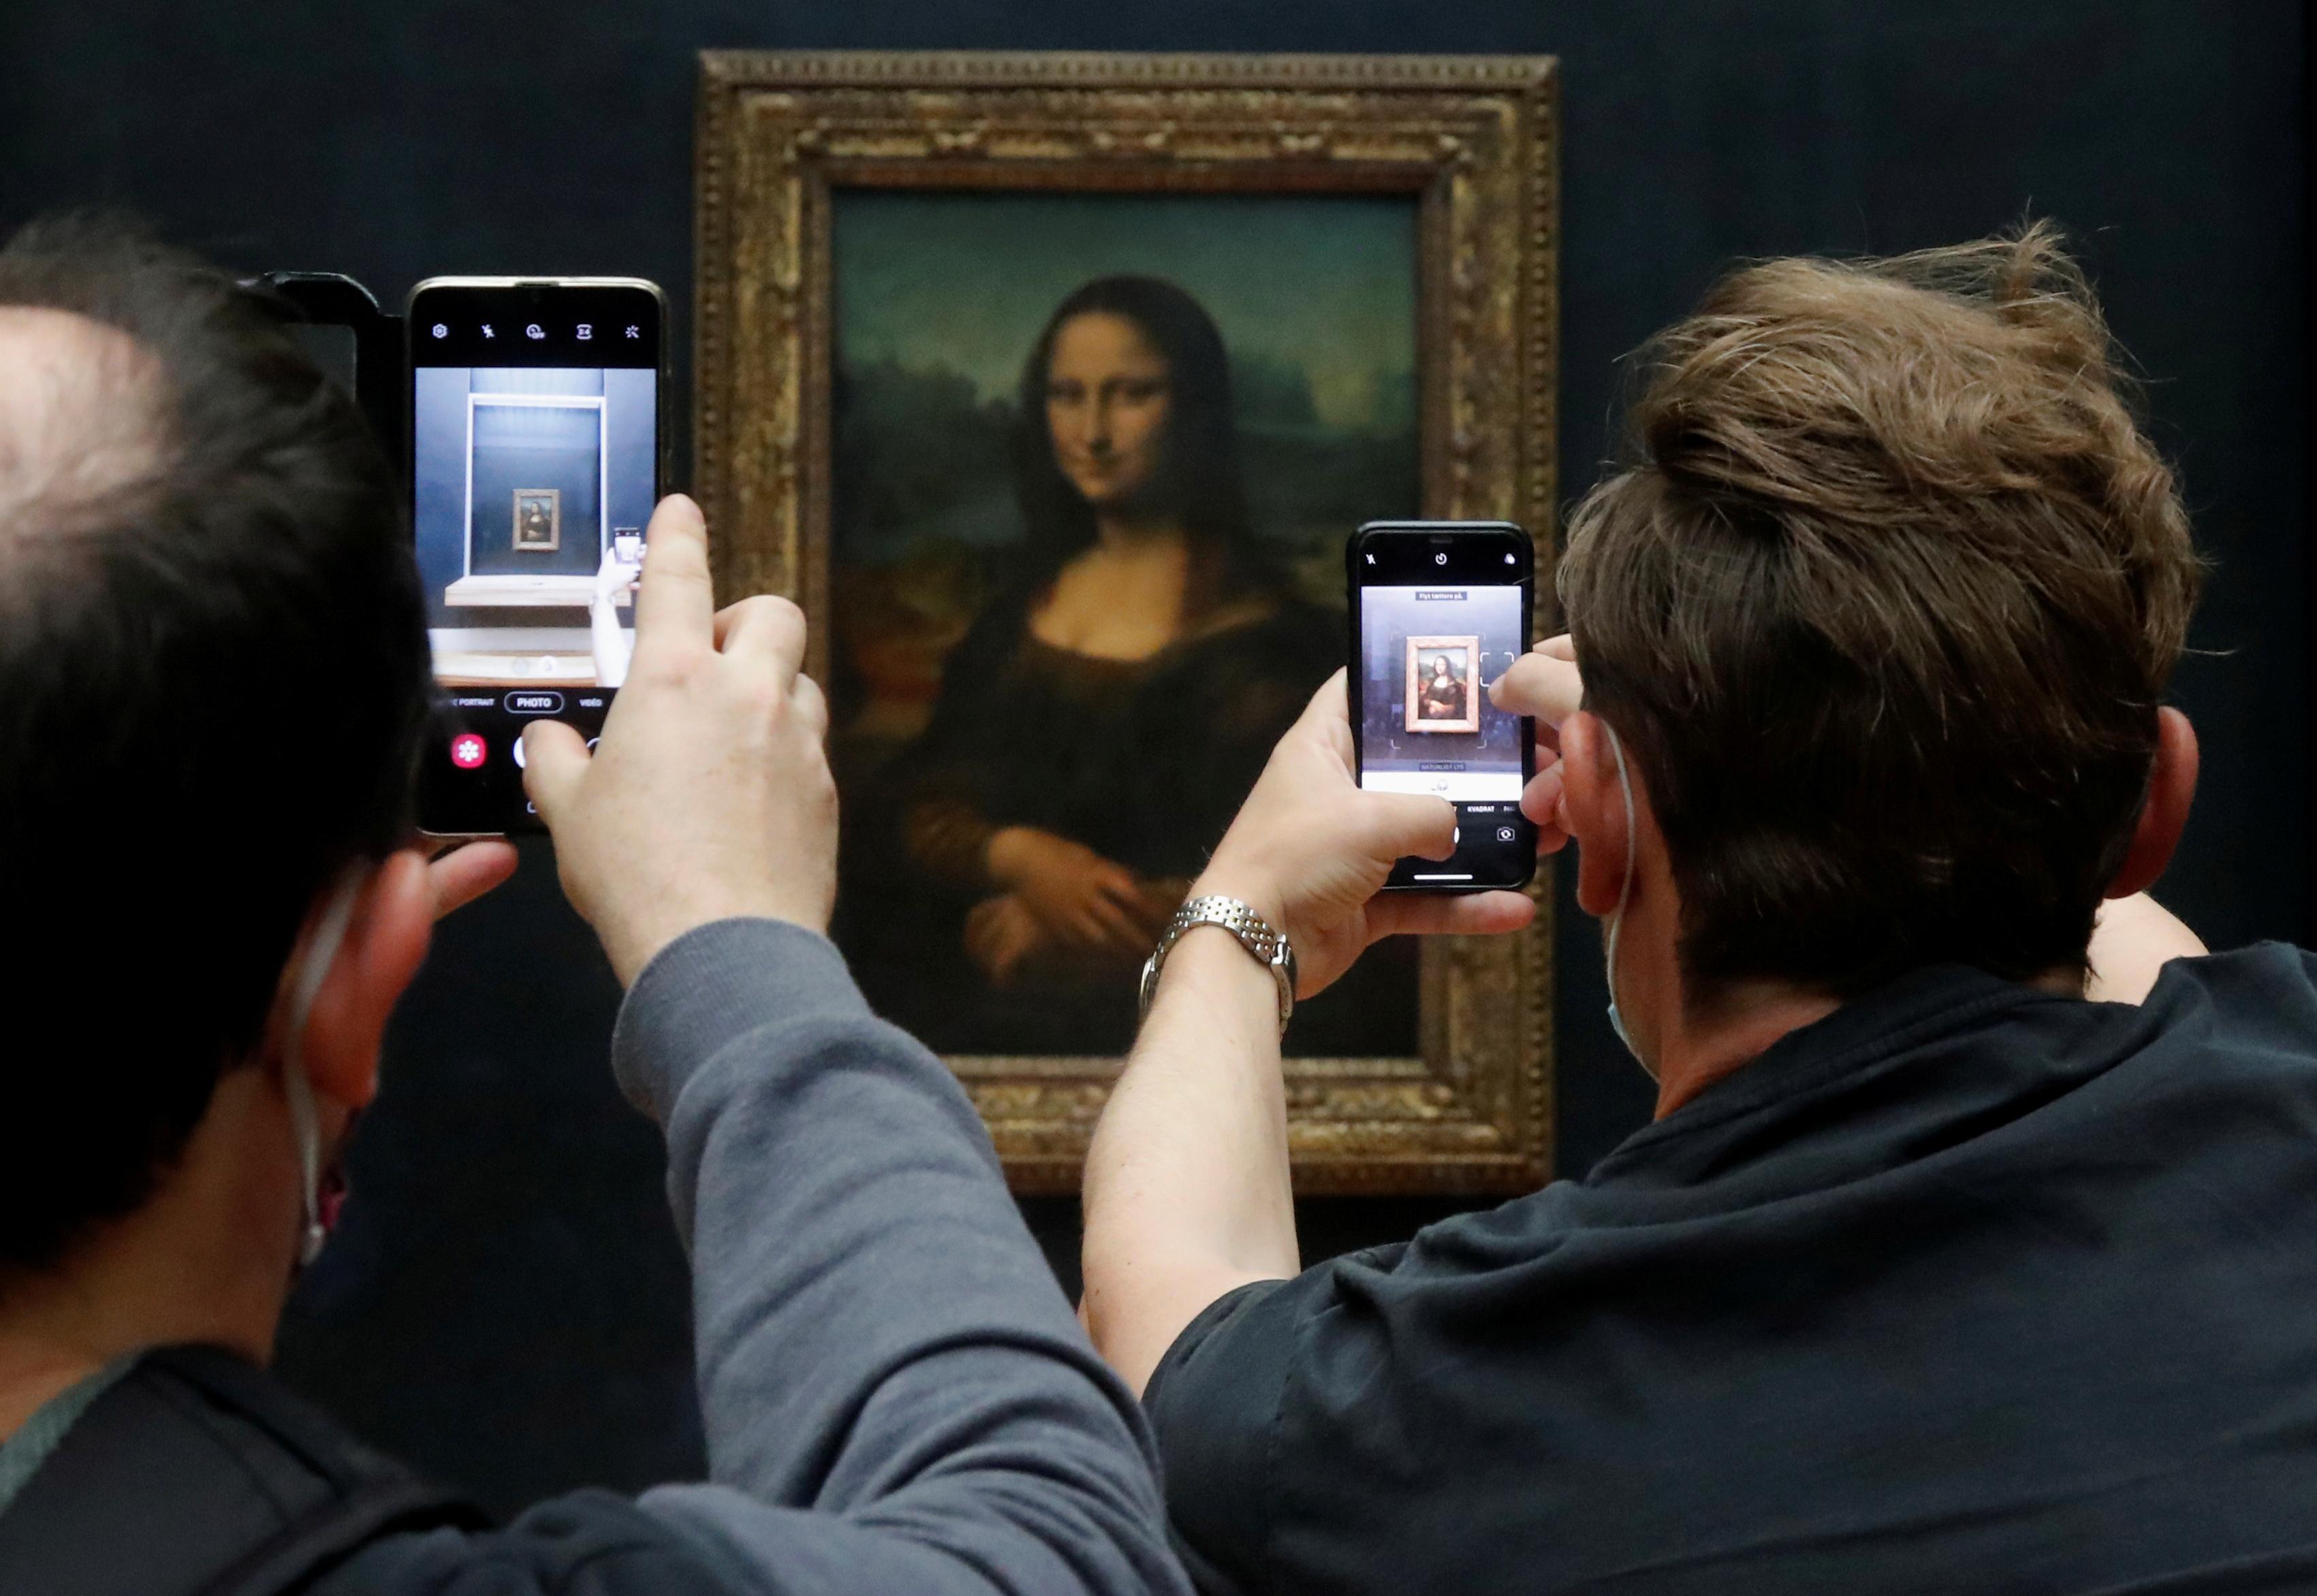 La Mona Lisa ha vuelto al trabajo. El Museo del Louvre de París, que aloja el retrato más famoso del mundo, reabrió el lunes tras cuatro meses de cuarentena por el coronavirus. (REUTERS/Charles Platiau)